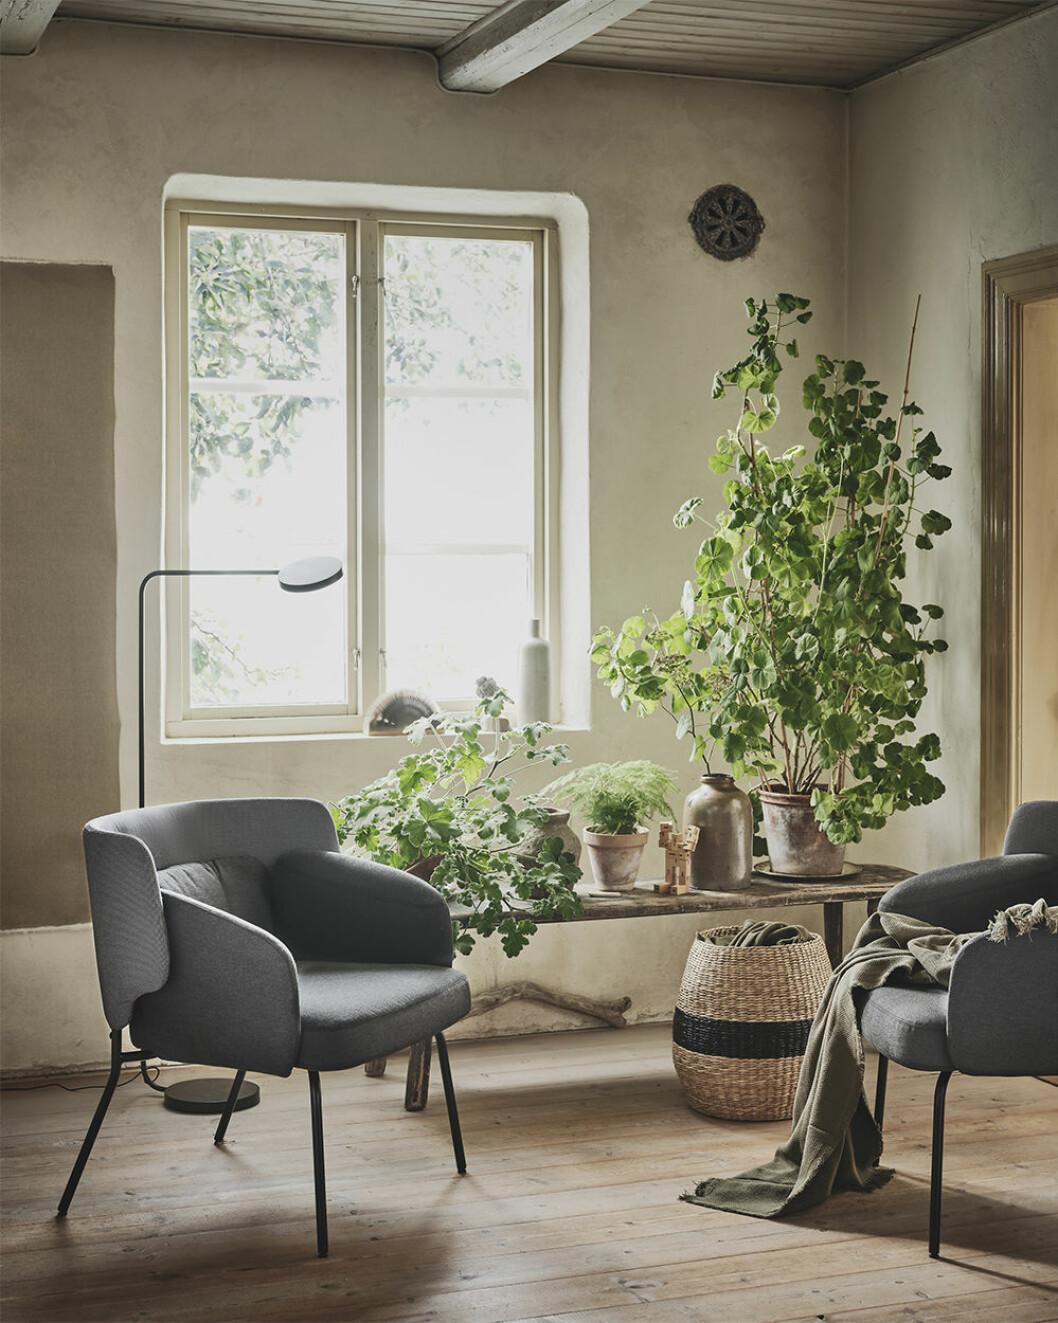 Fåtölj och förvaring i naturmaterial från Ikea våren 2020